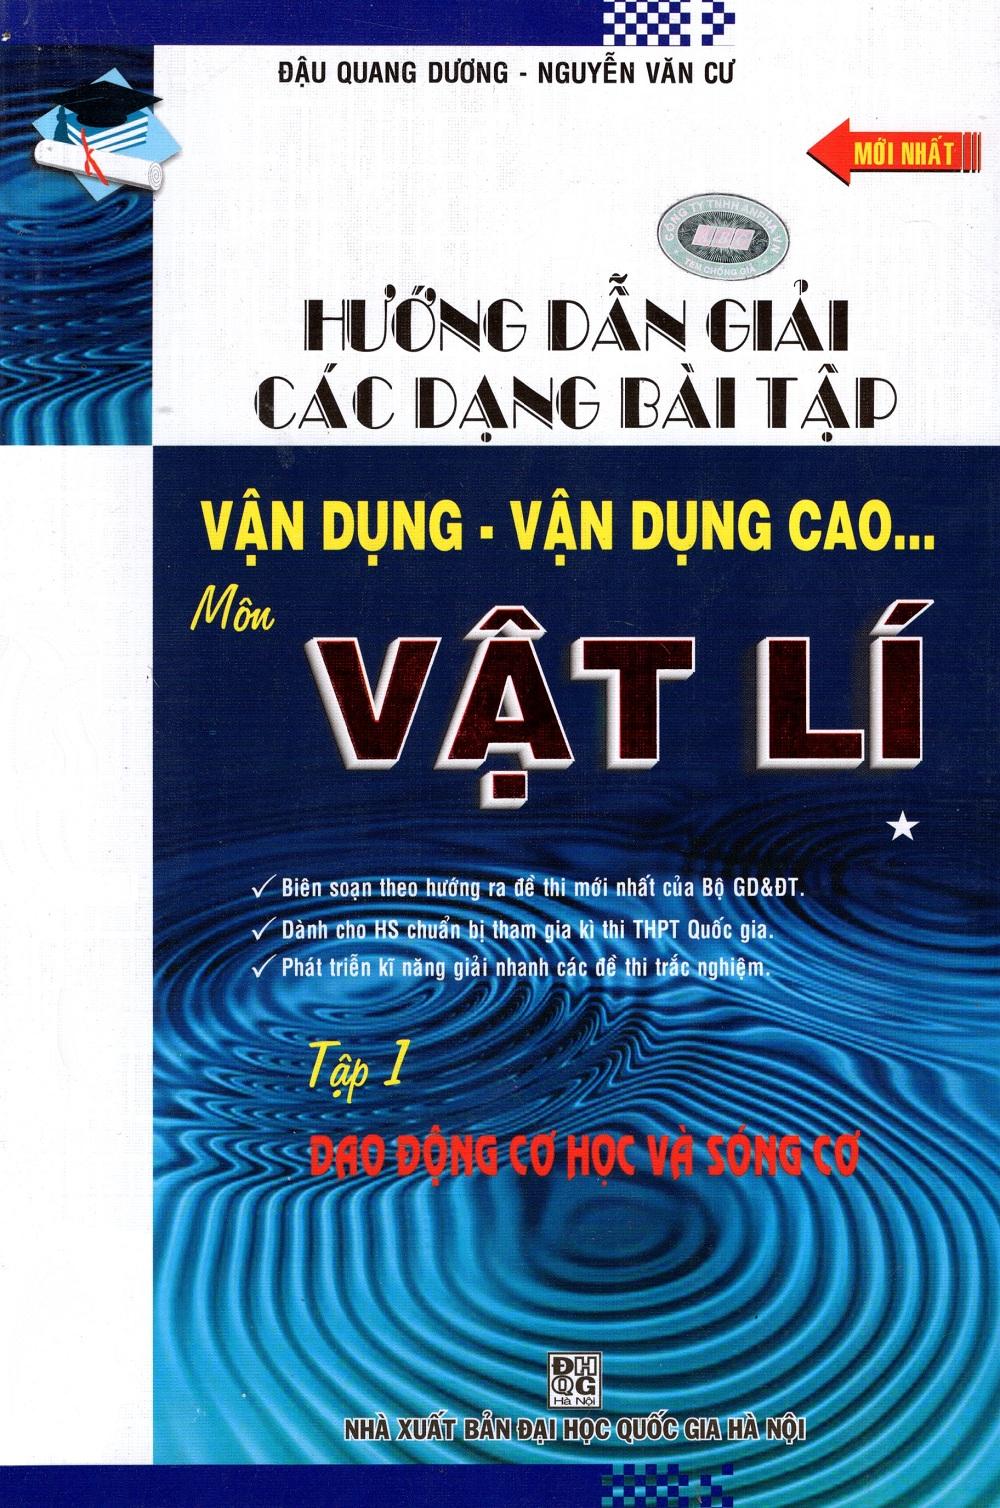 Hướng Dẫn  Giải Các Dạng Bài Tập Vận Dụng - Vận Dụng Cao Môn Vật Lí (Tập 1) - 8936039378778,62_211930,54000,tiki.vn,Huong-Dan-Giai-Cac-Dang-Bai-Tap-Van-Dung-Van-Dung-Cao-Mon-Vat-Li-Tap-1-62_211930,Hướng Dẫn  Giải Các Dạng Bài Tập Vận Dụng - Vận Dụng Cao Môn Vật Lí (Tập 1)